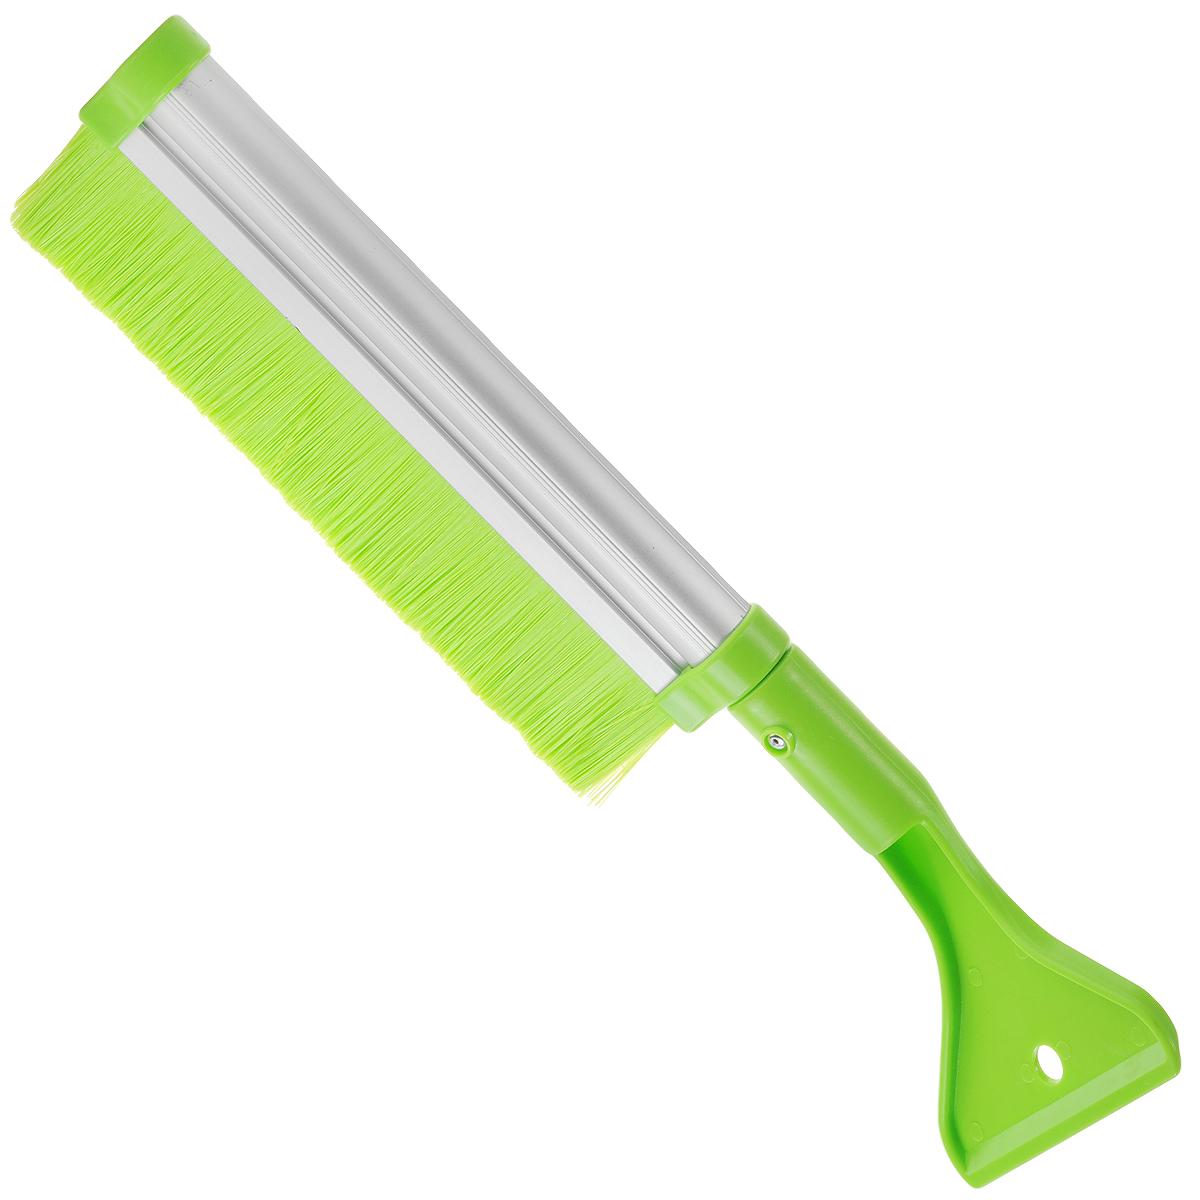 Щетка для снега Sapfire, со скребком и телескопической ручкой, цвет: салатовый, 42-64 см0411-SBUЩетка Sapfire предназначена для удаления снега и льда. Имеет легкую поворотную телескопическую рукоятку из прочного алюминиевого сплава. Удобная выдвижная рукоятка облегчает процесс чистки крыши автомобиля. Мягкая щетина, изготовленная из прочного полимера, бережно удаляет снег, не царапая лакокрасочное покрытие. Щетка оснащена мощным скребком с зубьями для толстого льда.Ширина скребка: 9,5 см.Длина рабочей части щетки: 25,5 см.Максимальная длина щетки: 64 см.Минимальная длина щетки: 42 см.